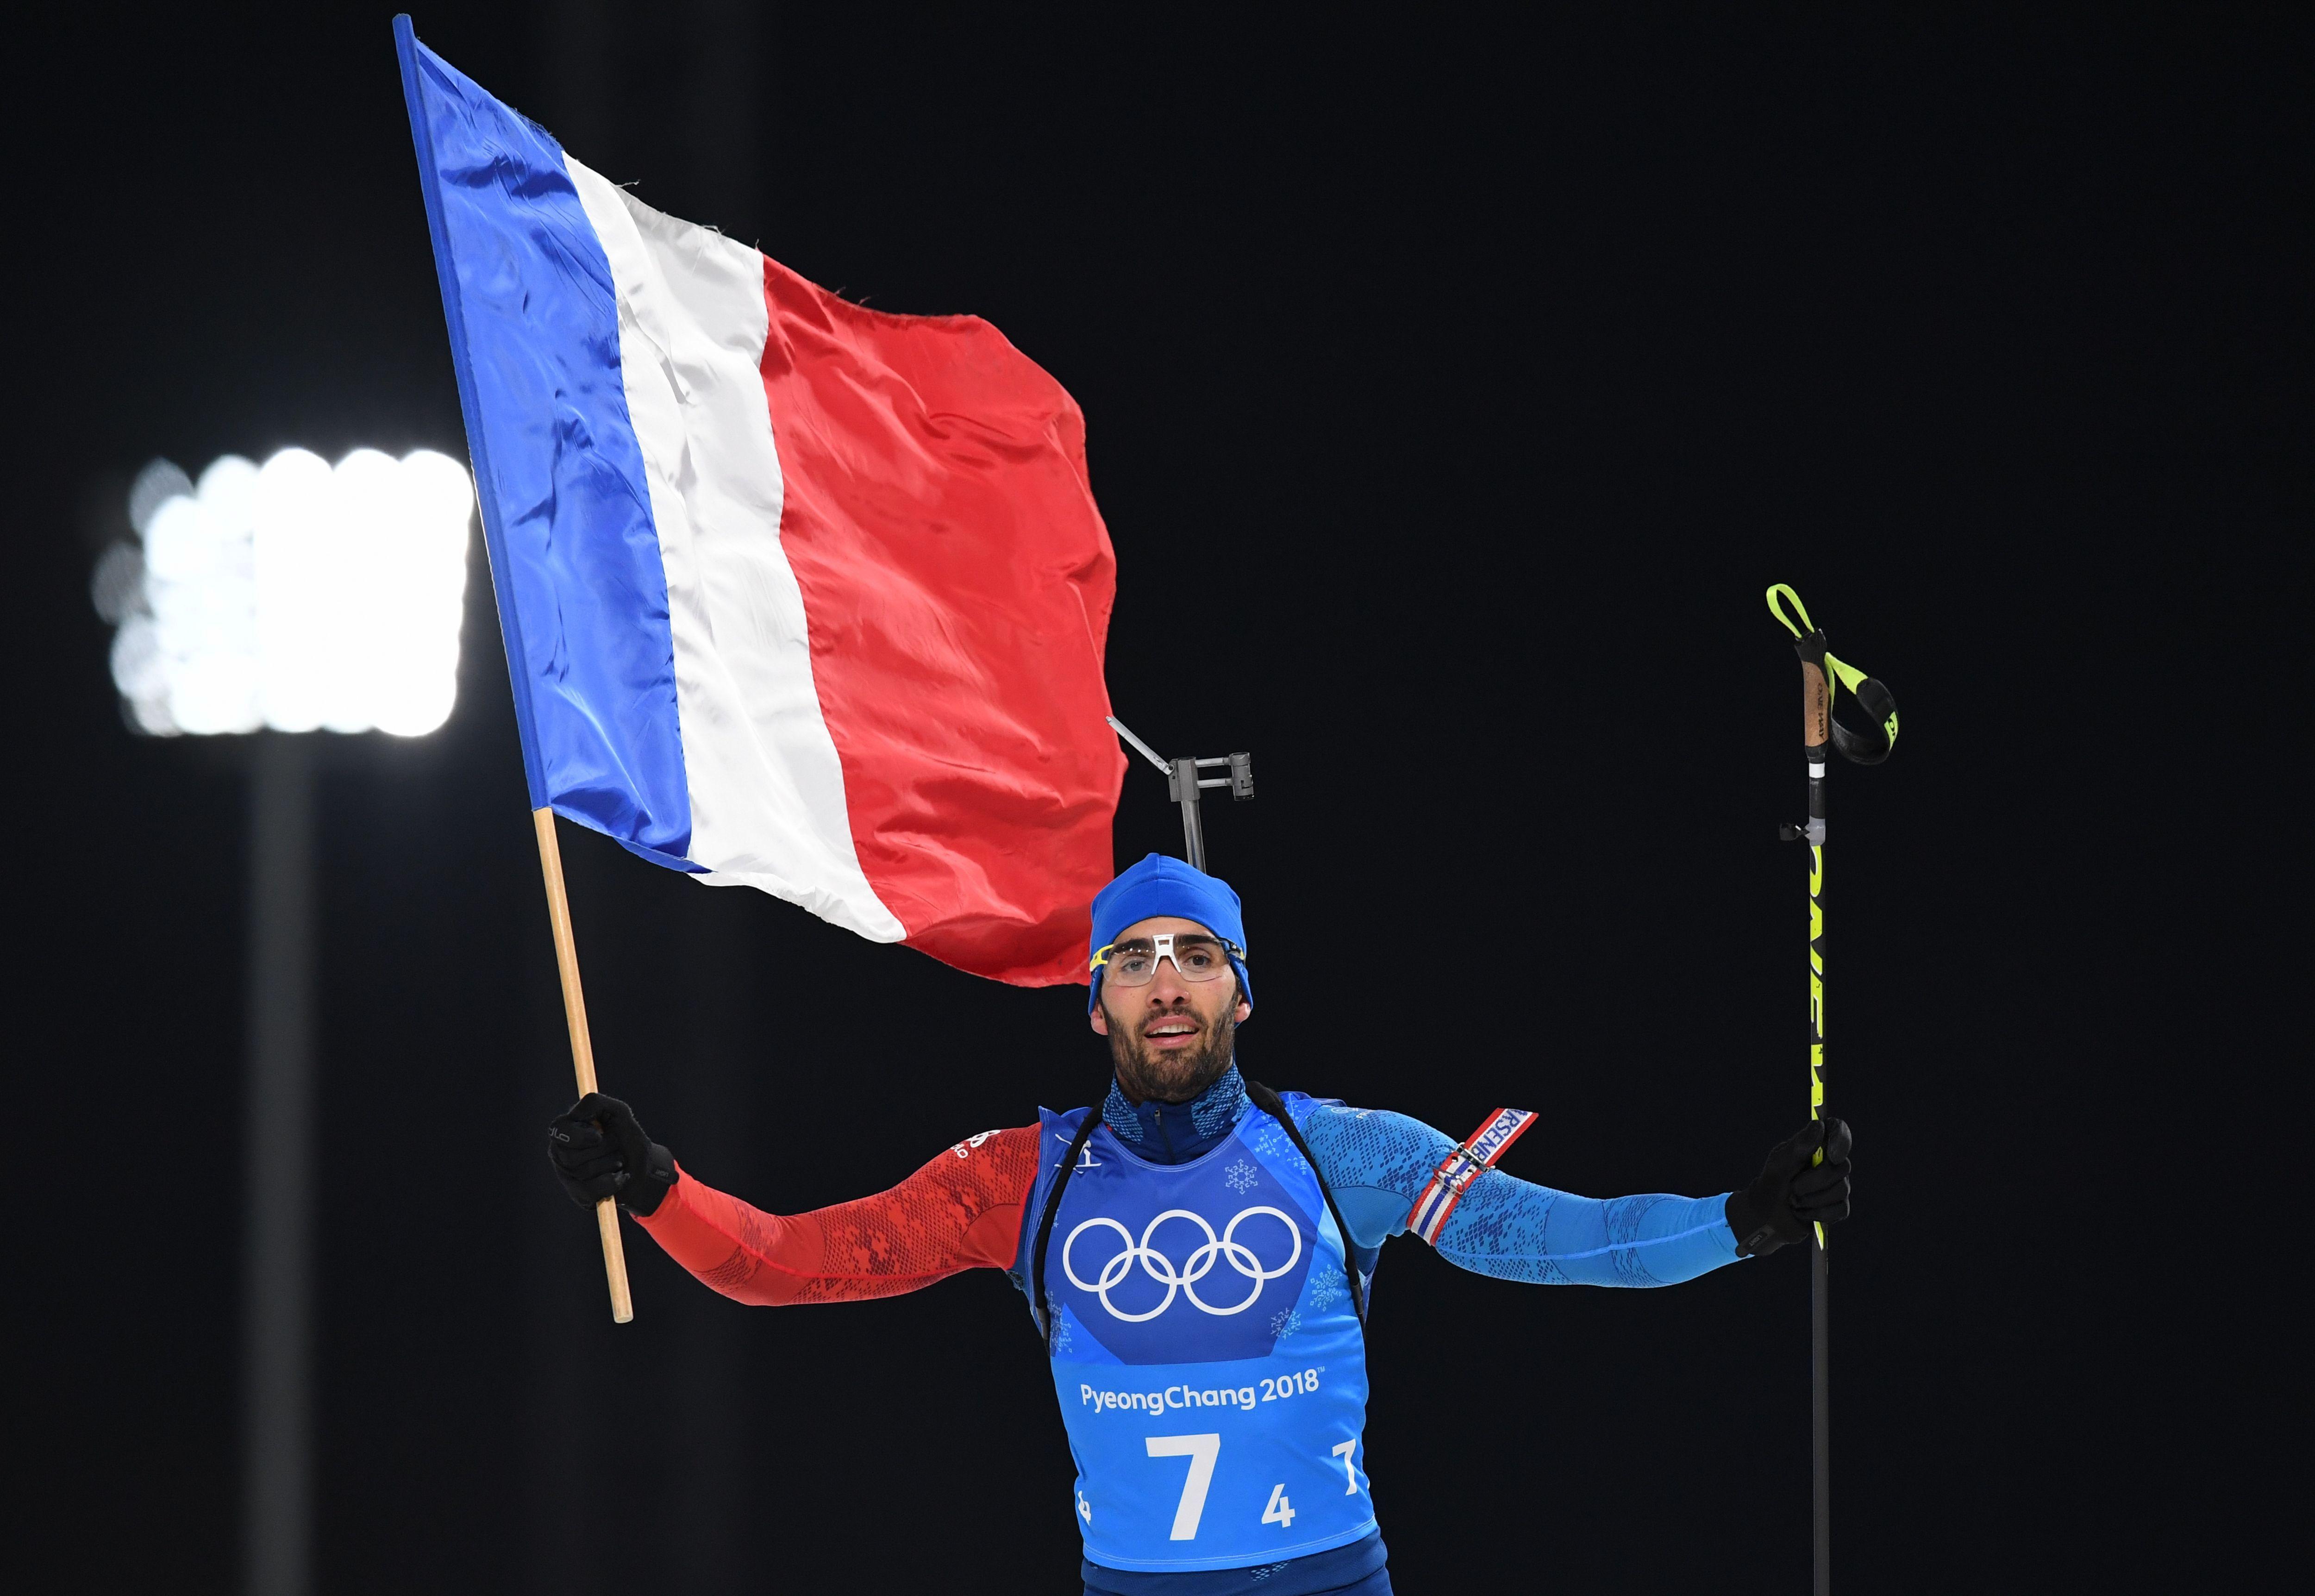 Jeux olympiques - Pyeongchang 2018 - JO 2018 : Martin Fourcade seul dans la légende avec une 5e médaille d'or